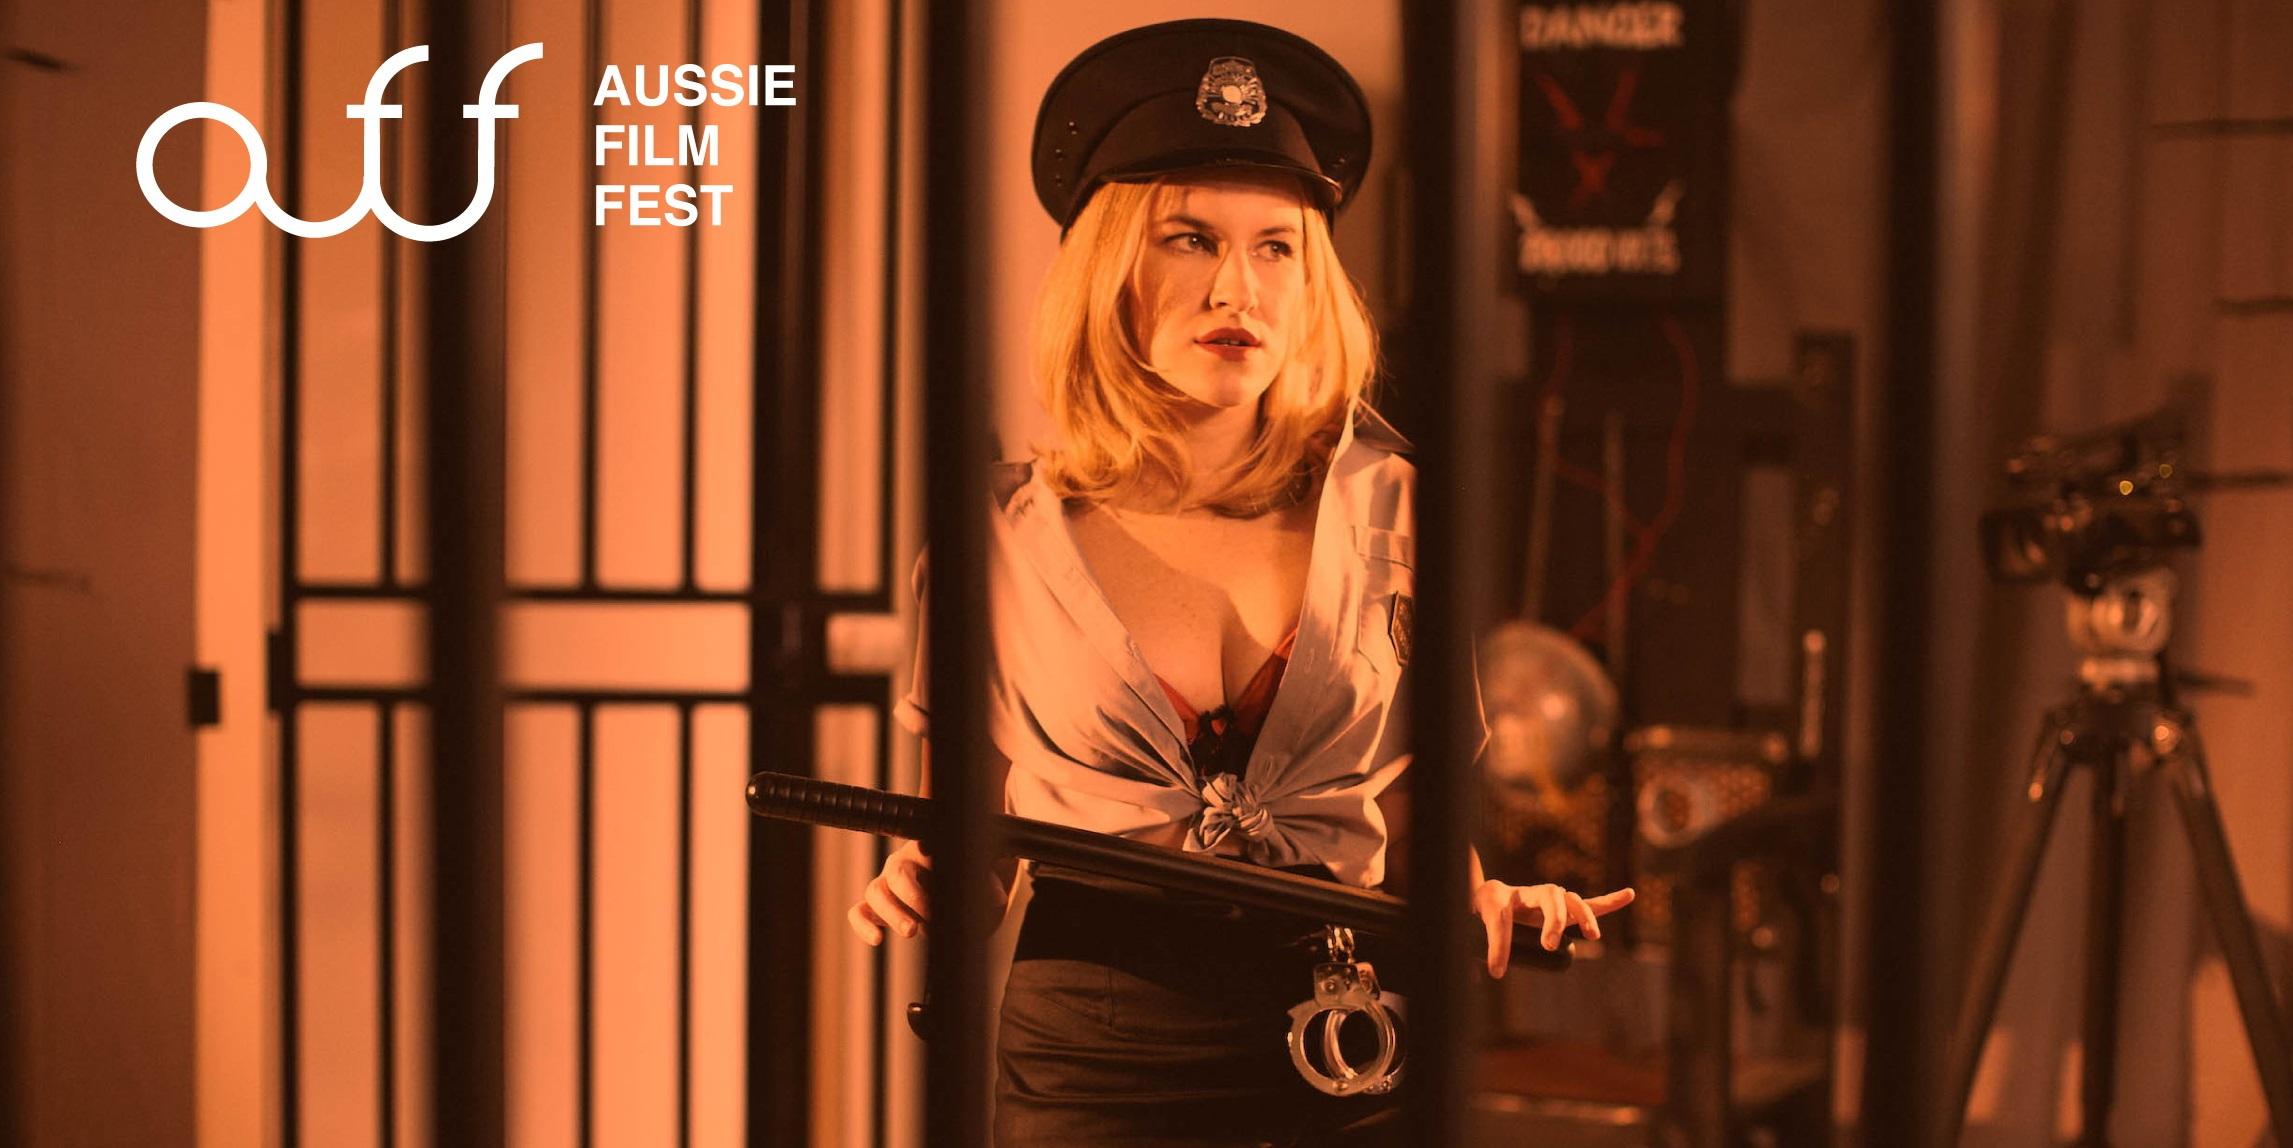 Aussie Film Fest - prehliadka austrálskej kinematografie